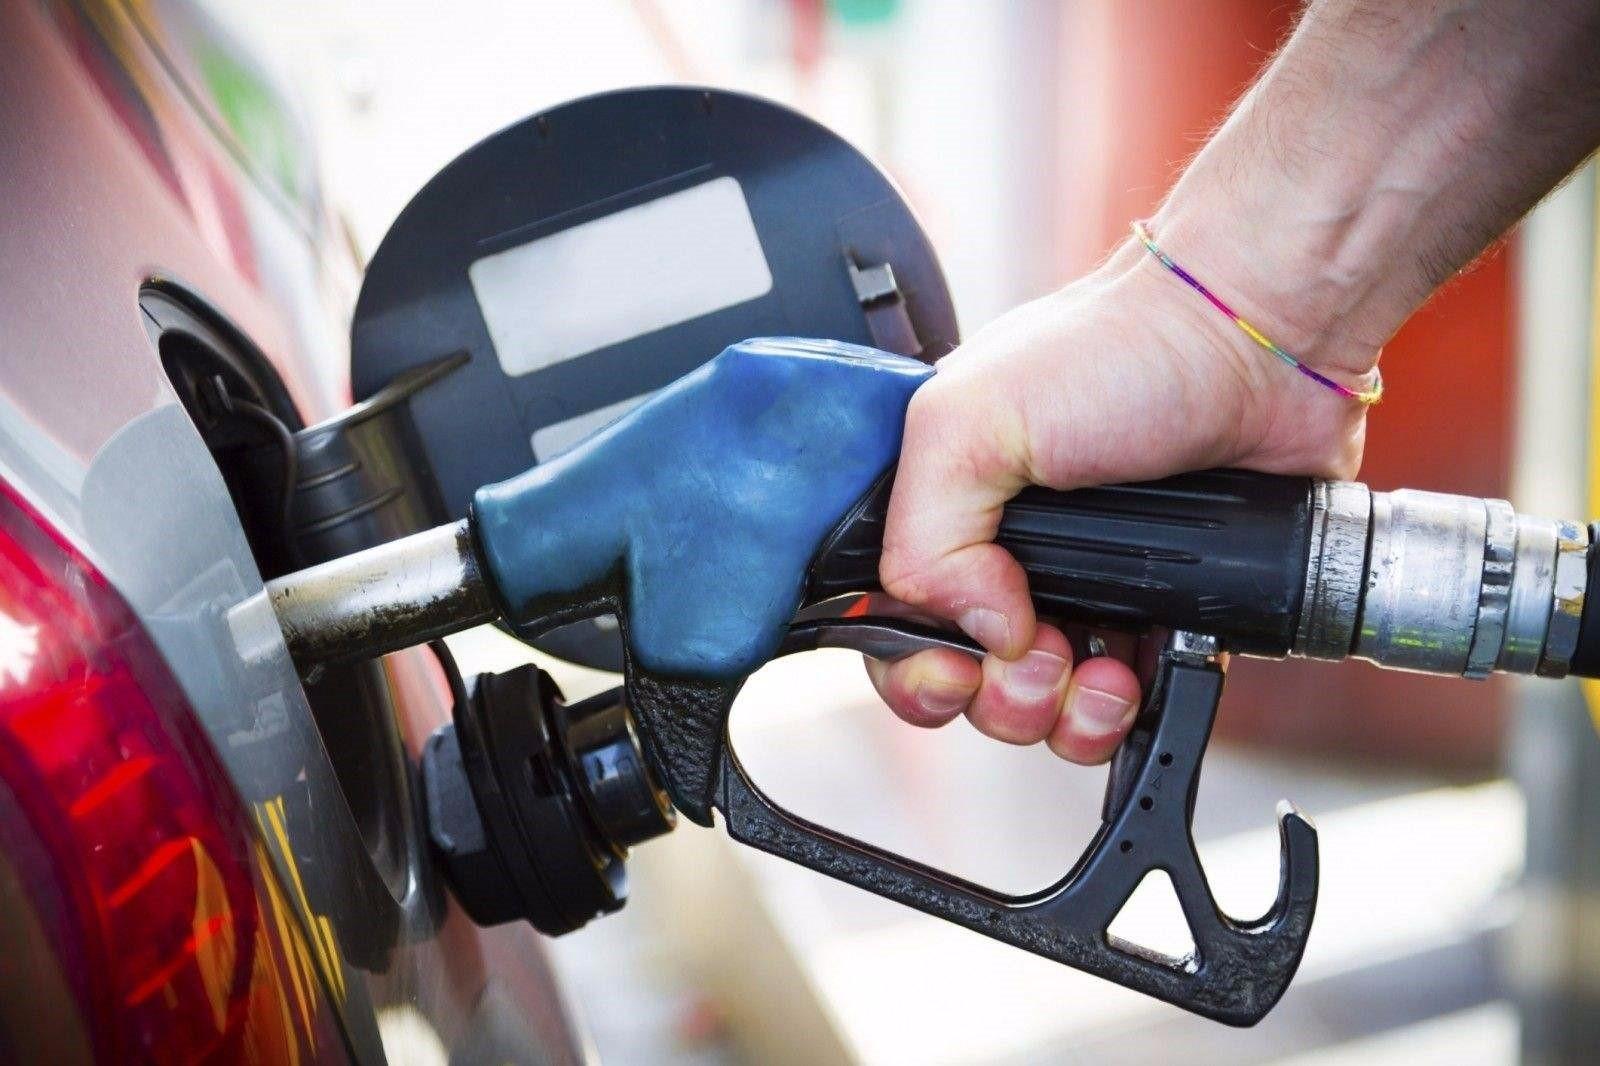 加油站公然卖不达标汽油,厂家配合演出心照不宣!